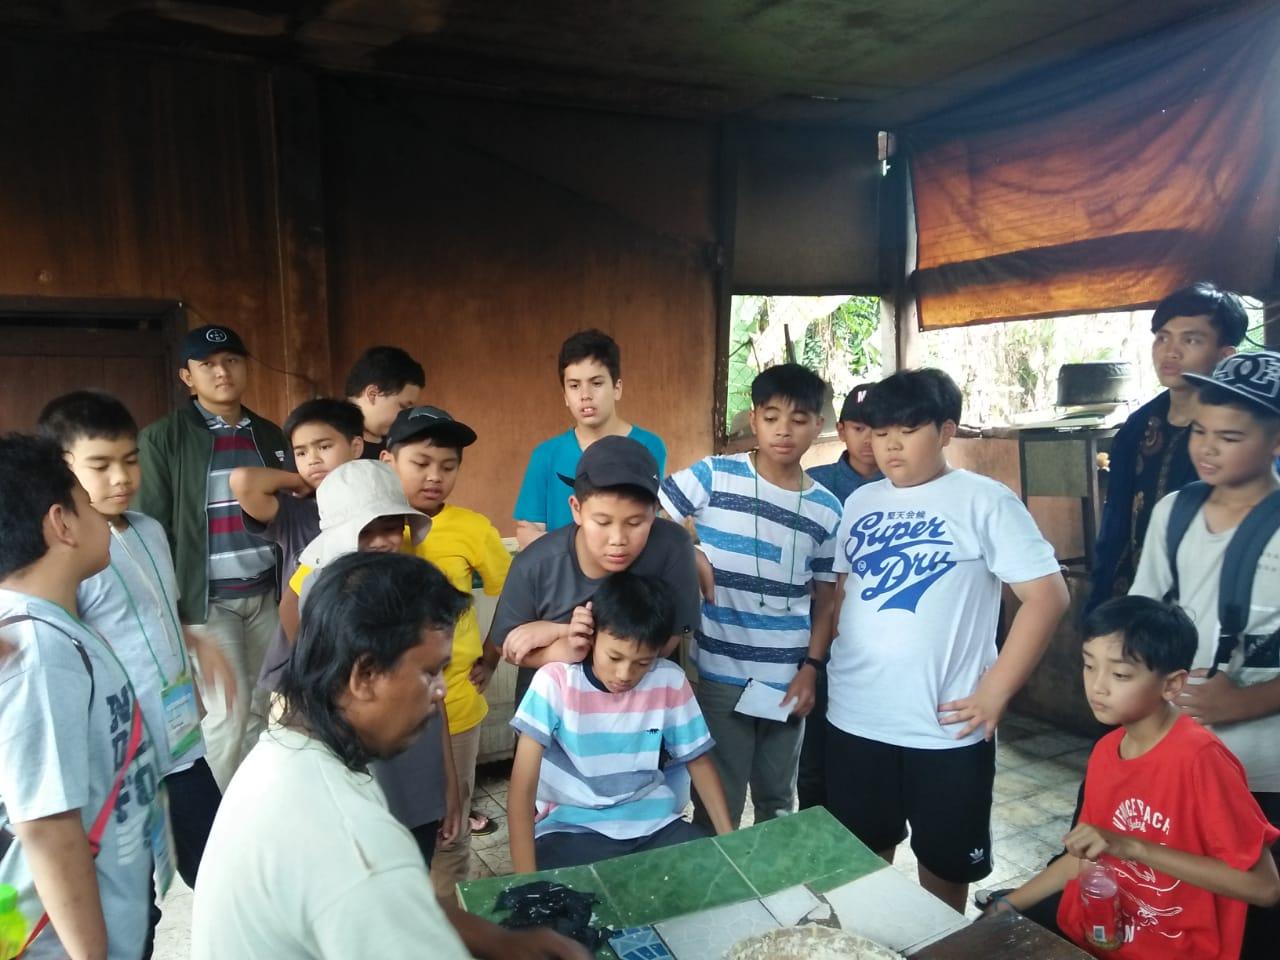 Peserta Deen Camp Kunjungi Pemberdayaan Zona Madina Dompet Dhuafa